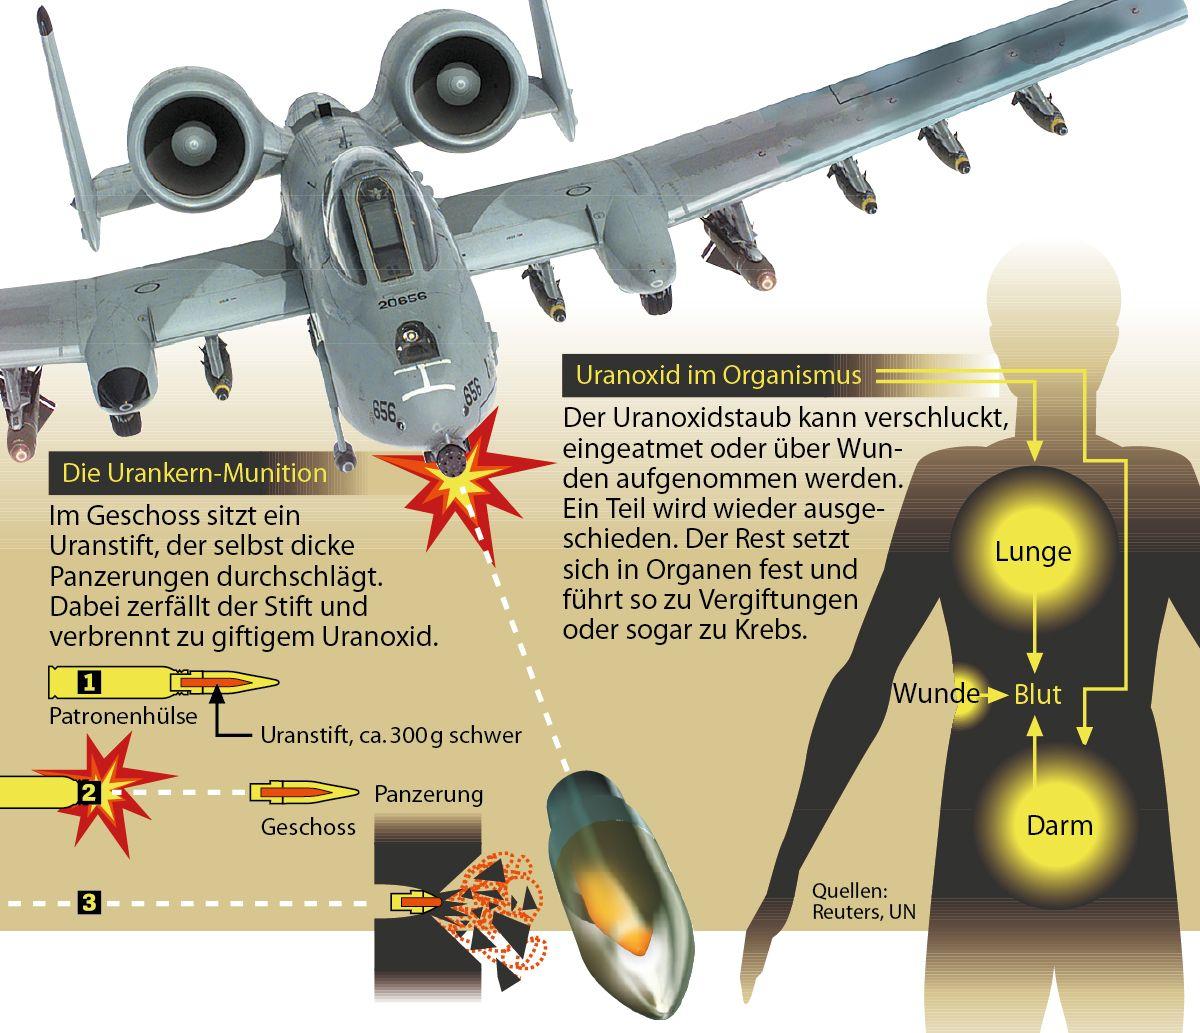 EINMALIGE VERWENDUNG Grafik / Thunderbolt / Uranmunition